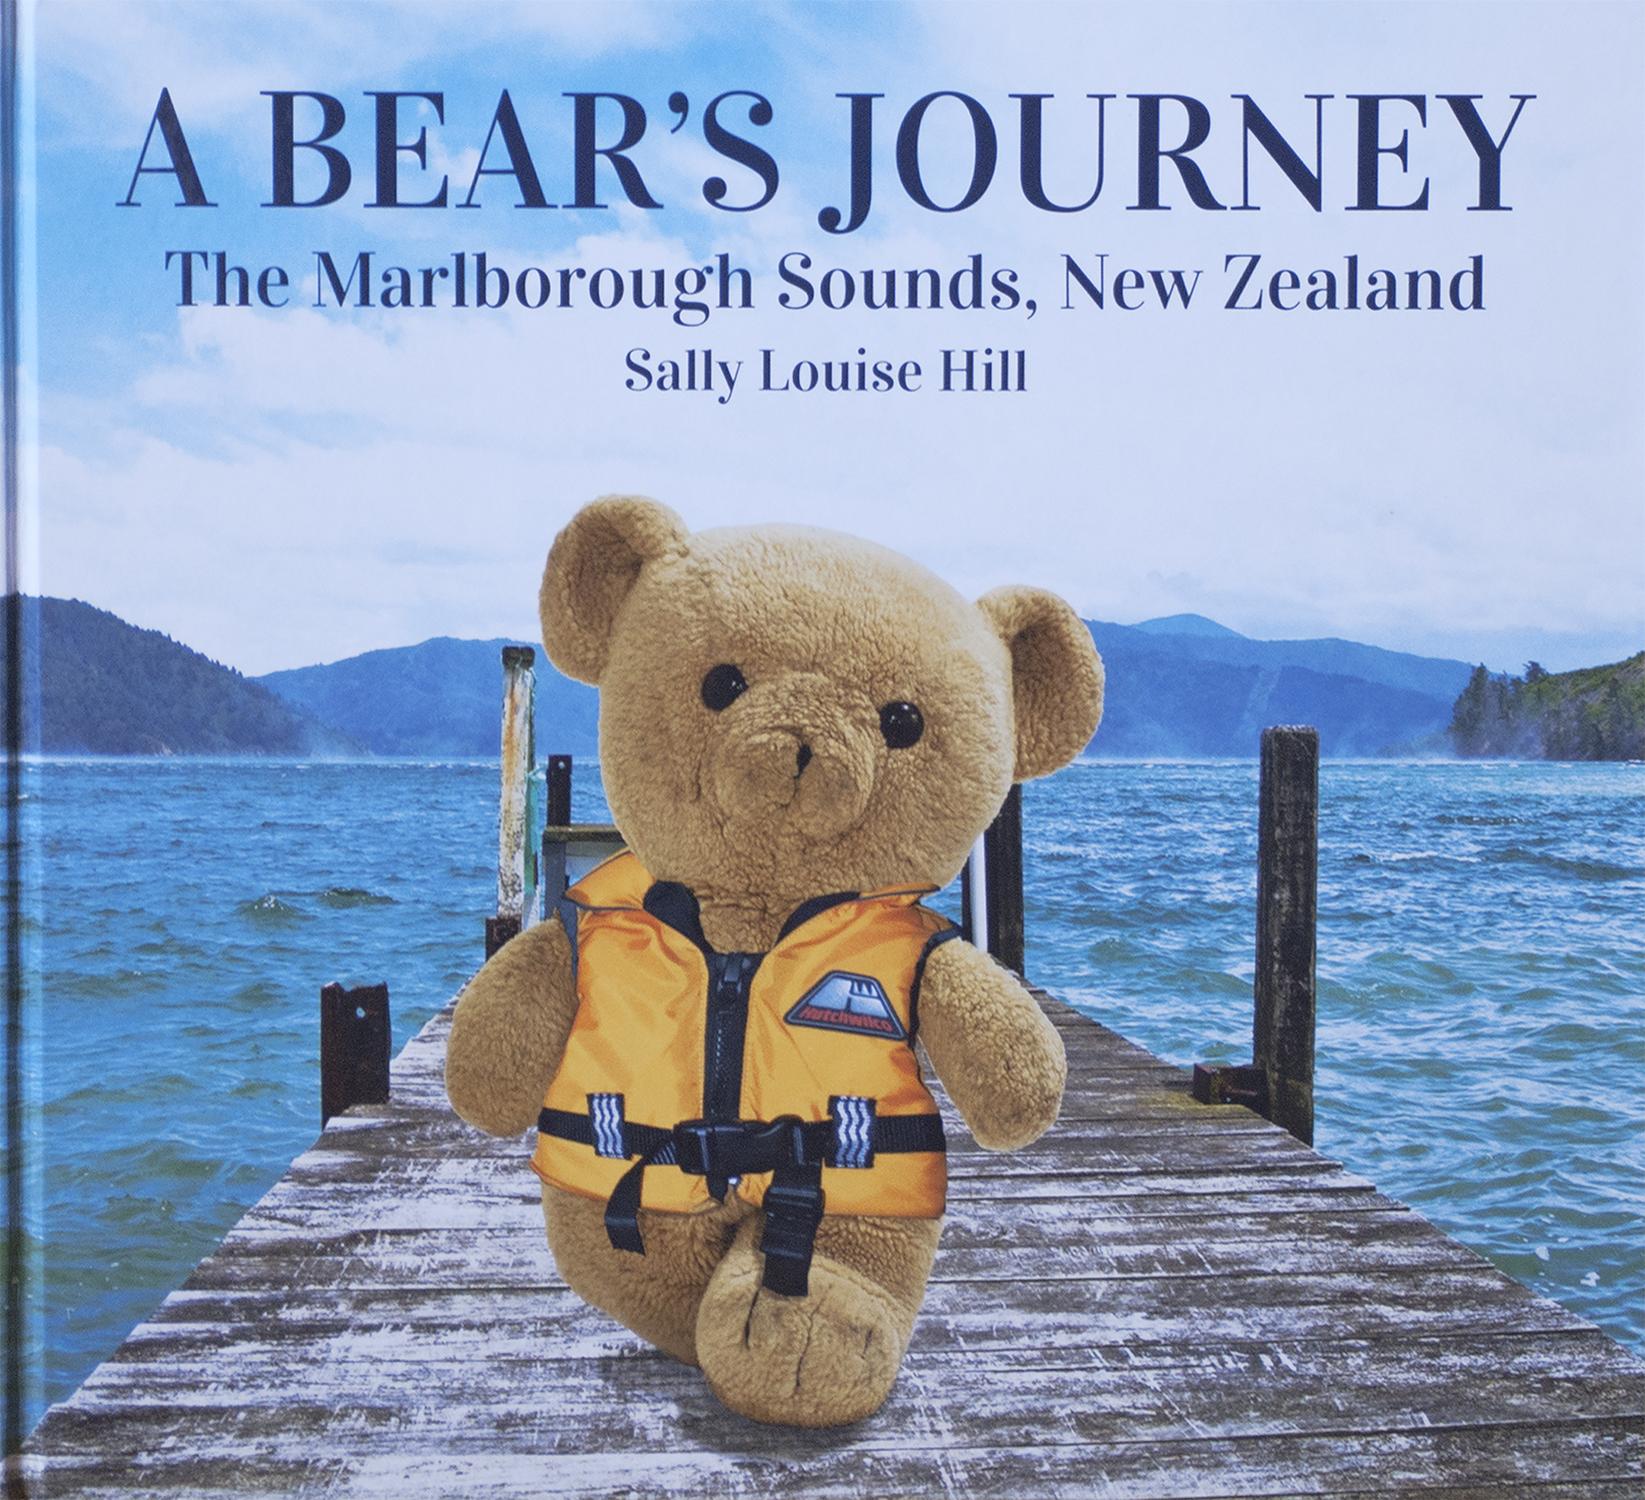 A Bear's Journey - The Marlborough Sounds, New Zealand   NZ$34.95